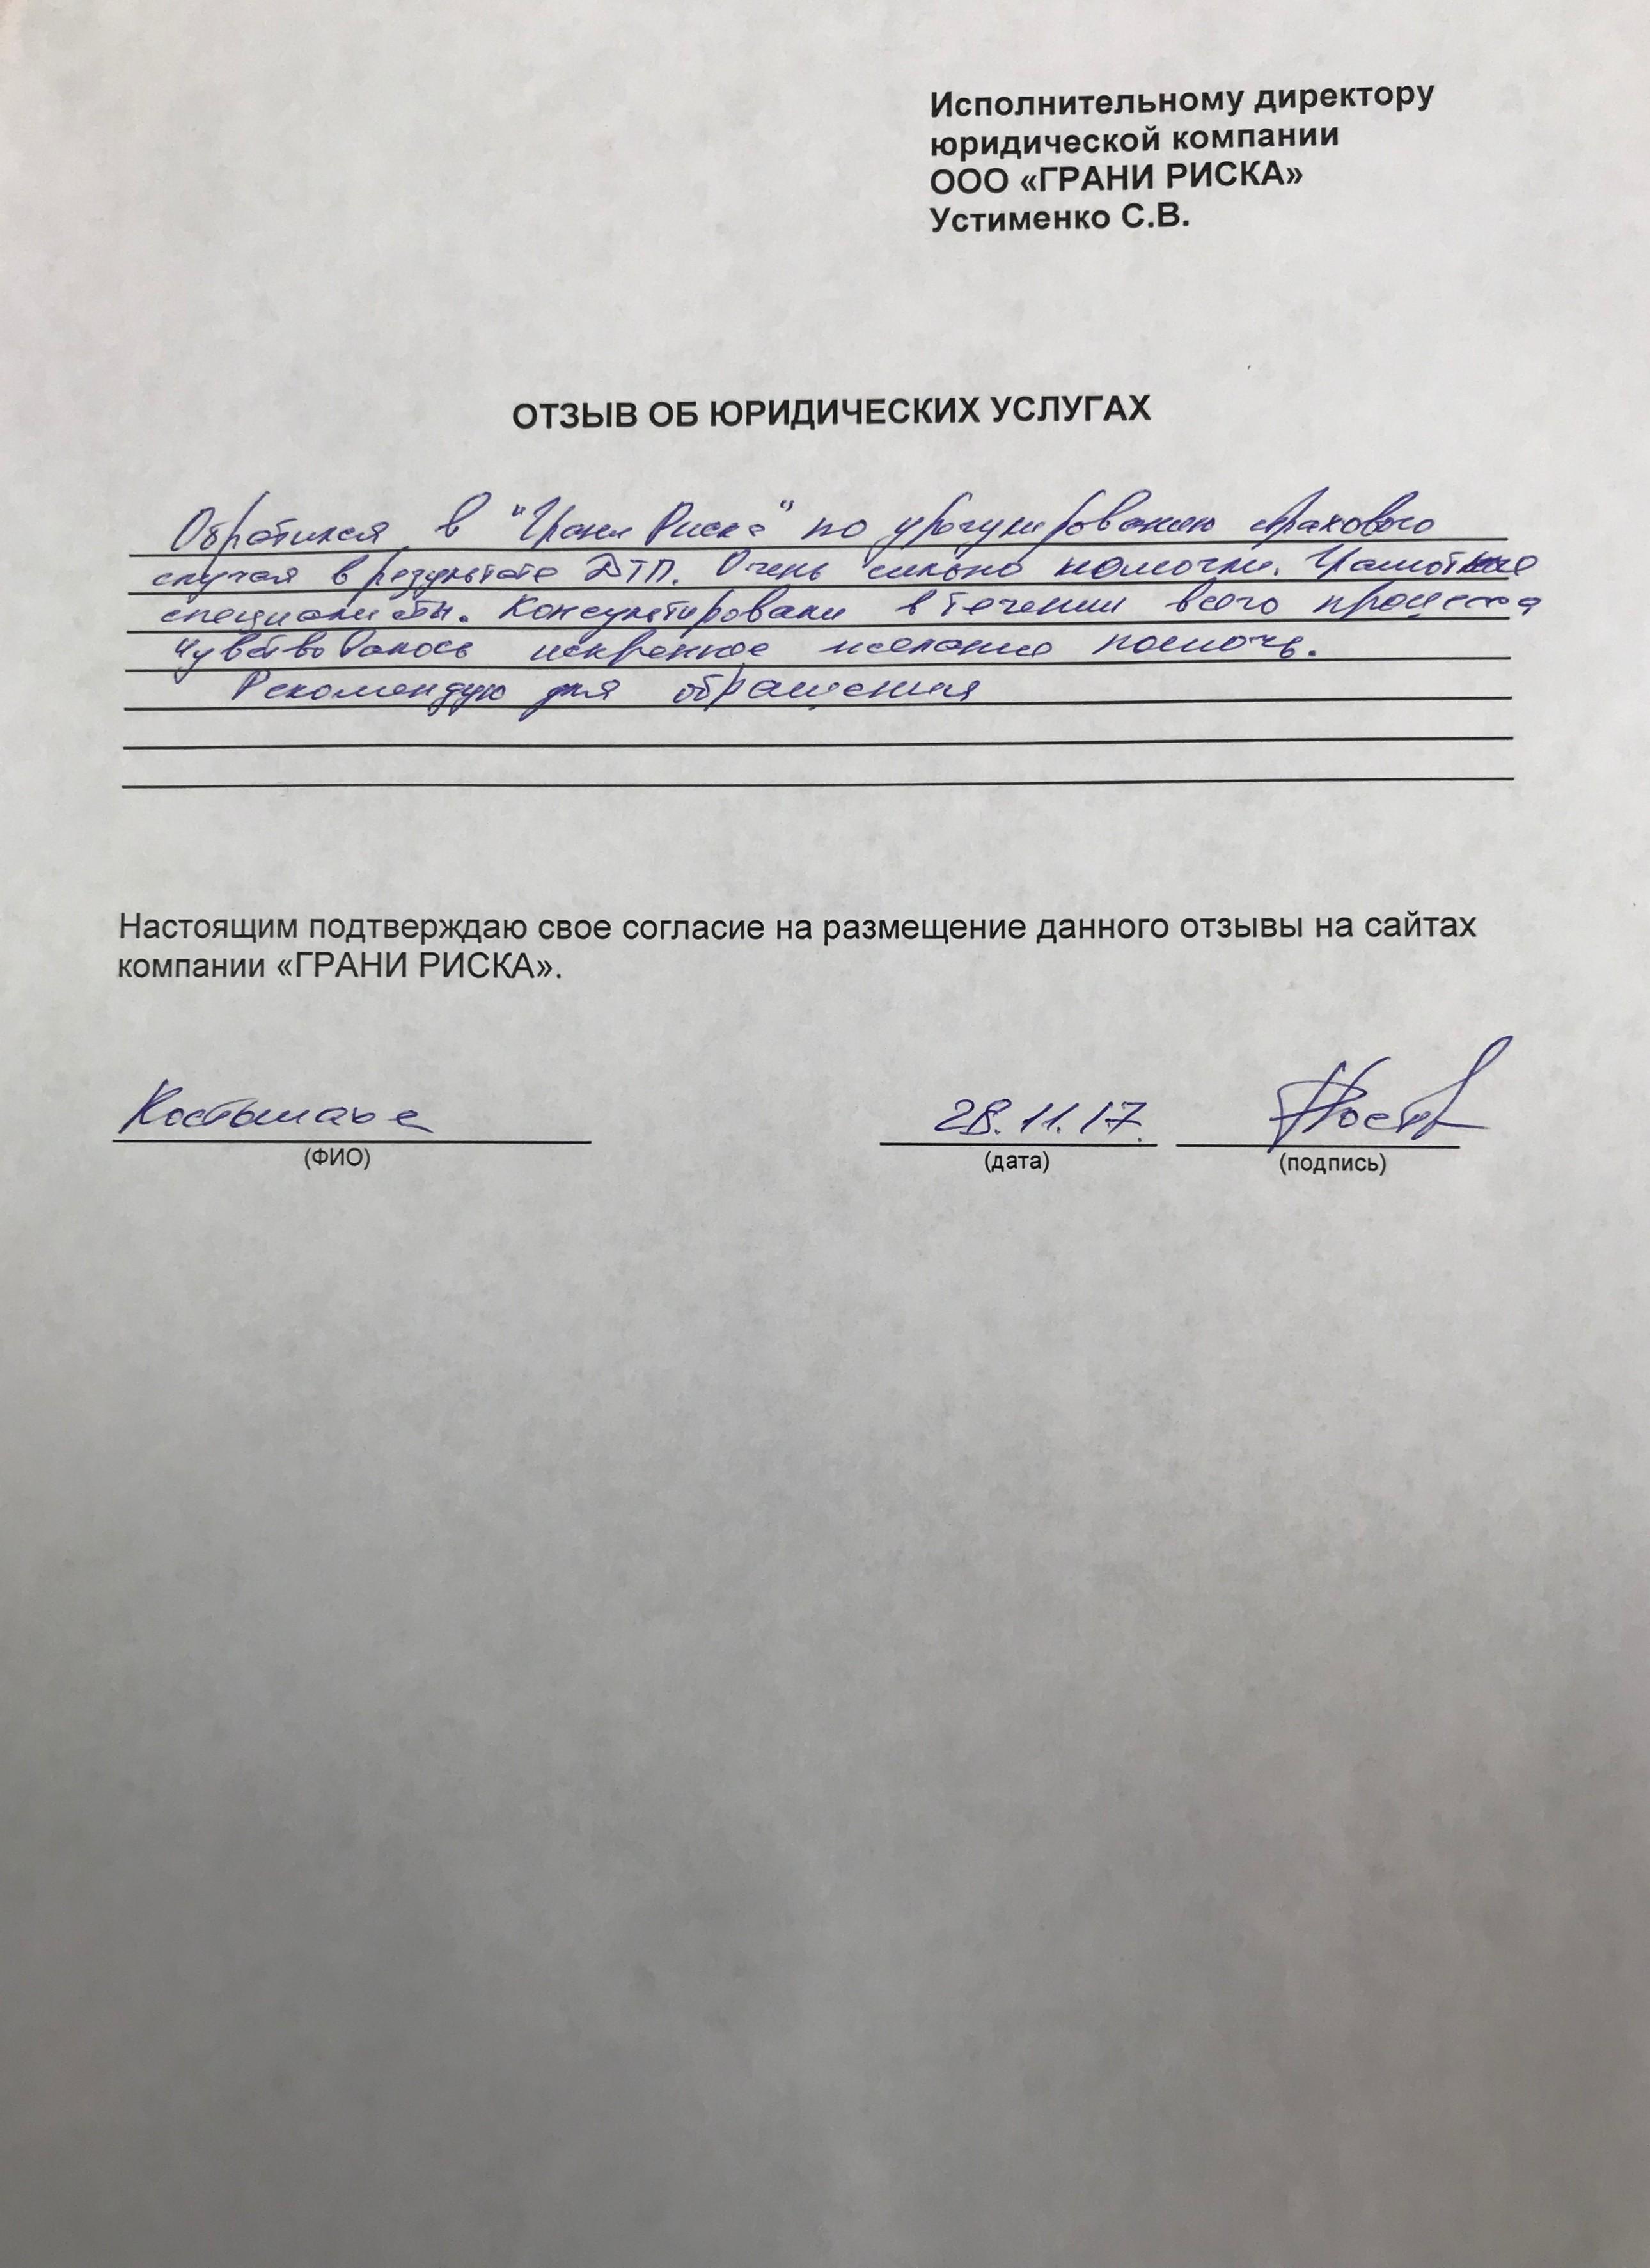 Отзыв Костомаха В. И.